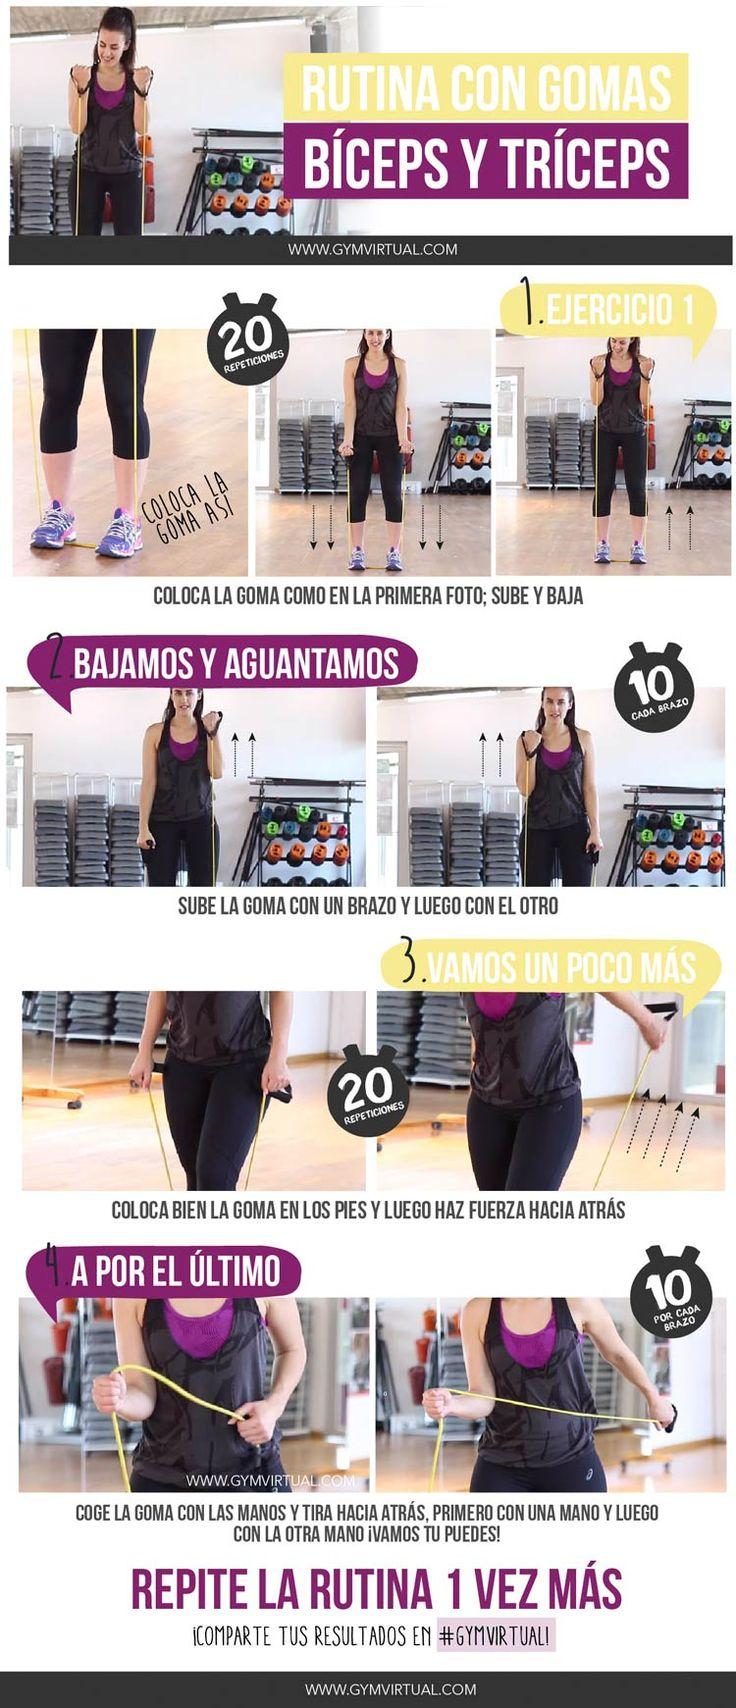 Rutina con gomas para trabajar bíceps y tríceps